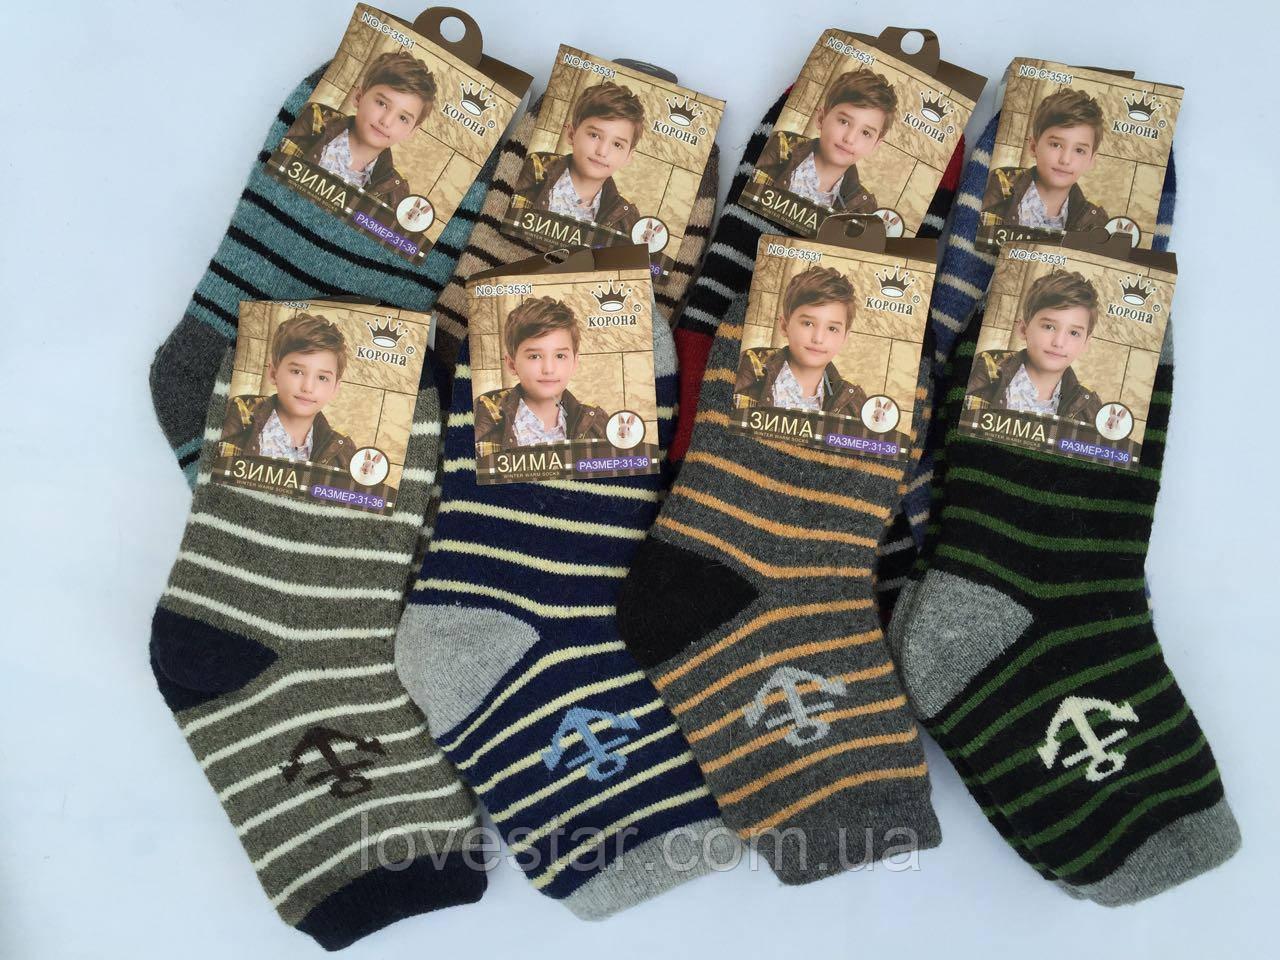 Вовняні шкарпетки Ангора корона 31-36 (C3528)